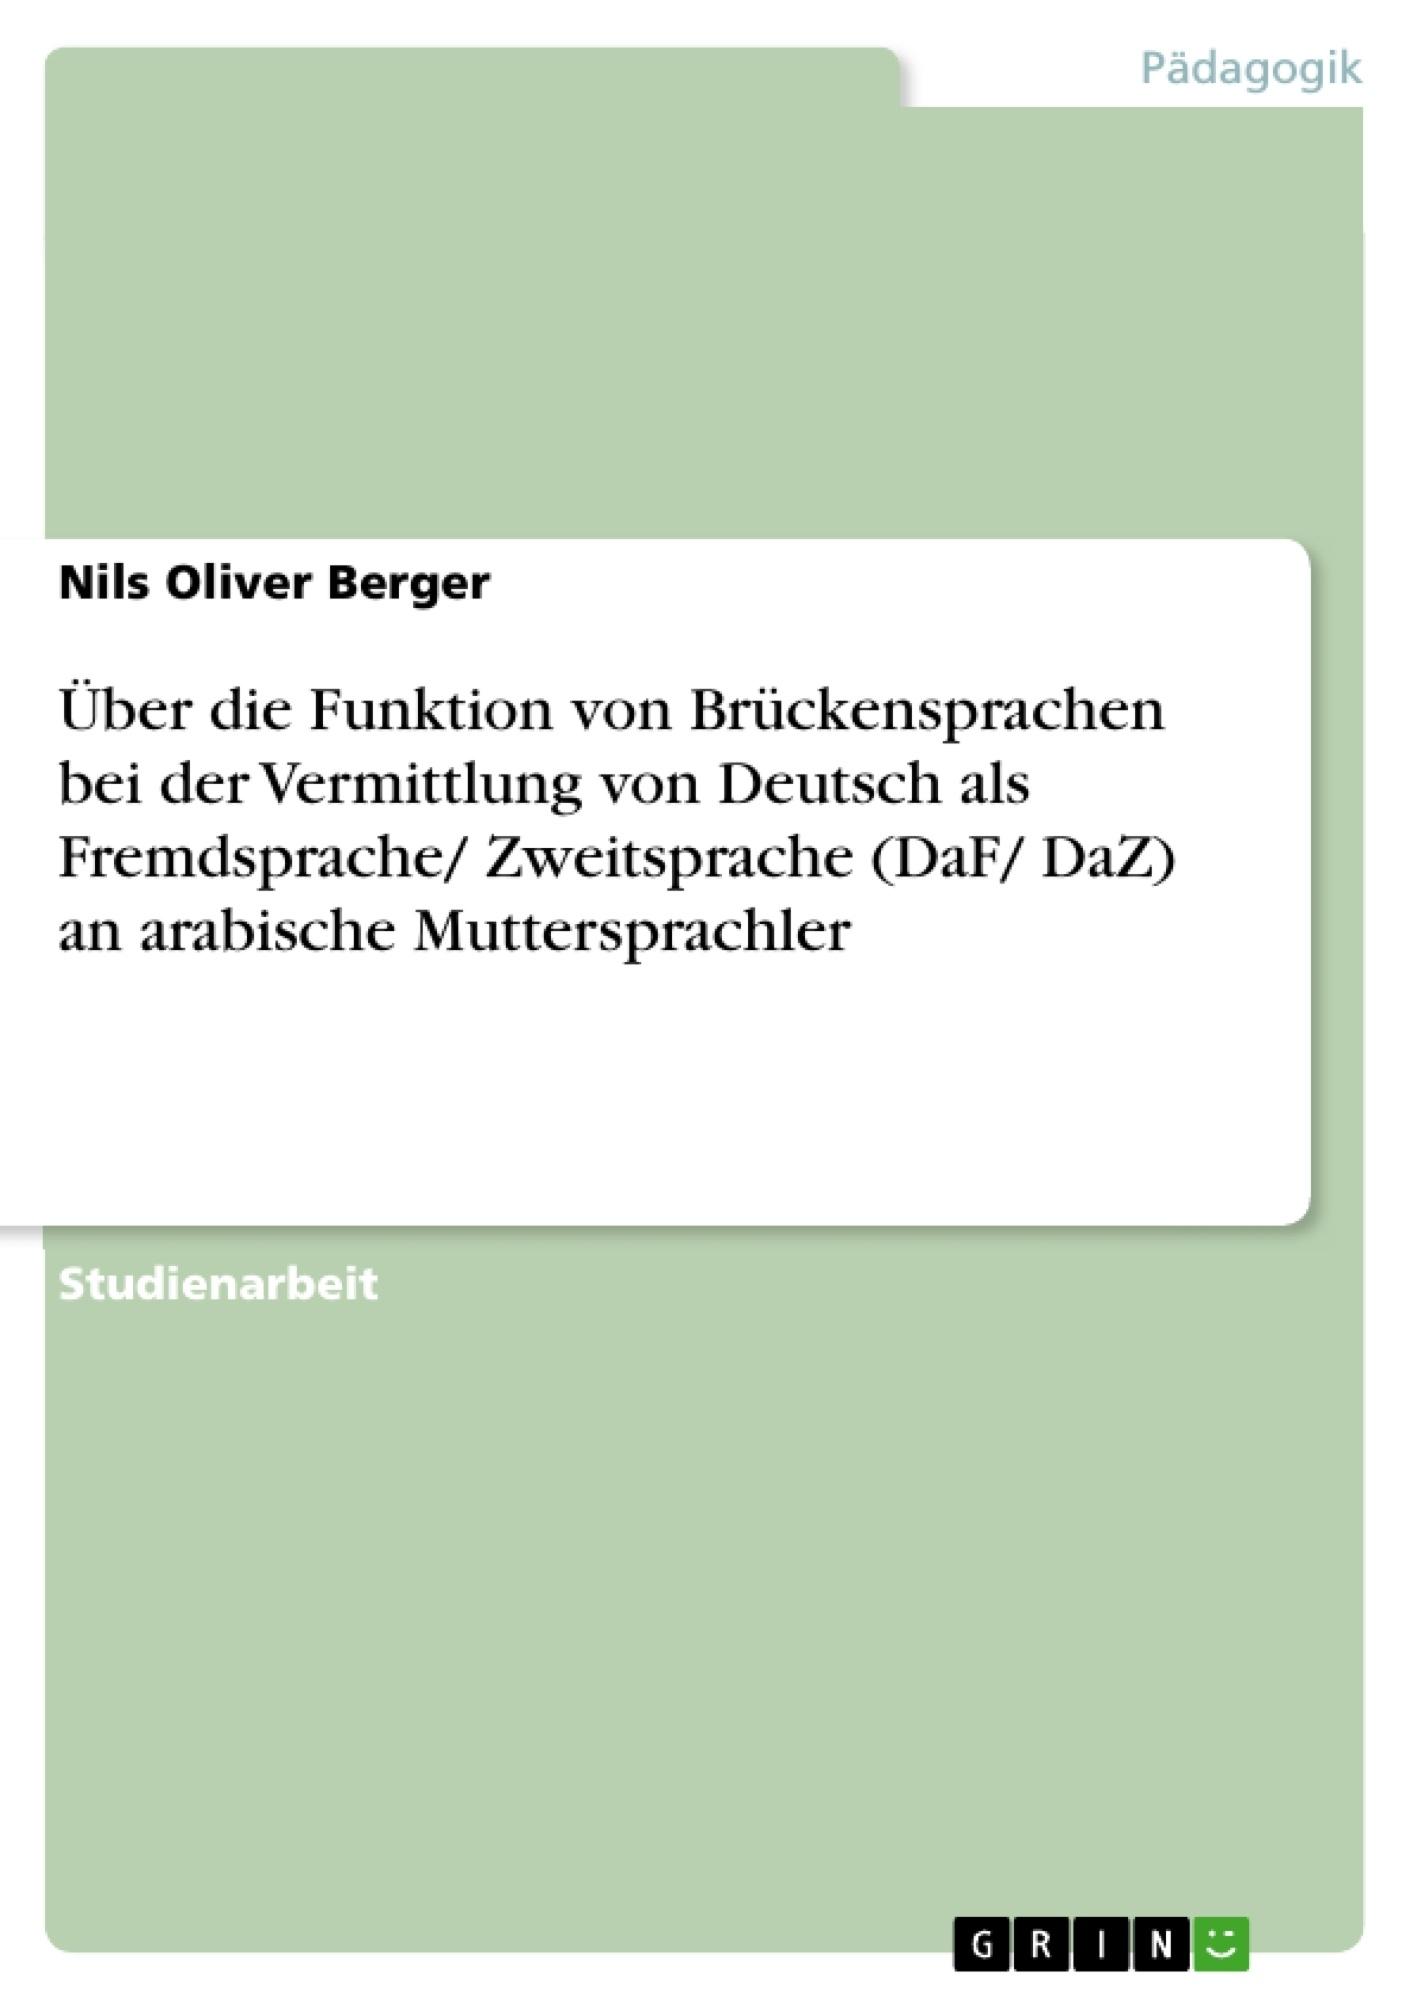 Titel: Über die Funktion von Brückensprachen bei der Vermittlung von Deutsch als Fremdsprache/ Zweitsprache (DaF/ DaZ) an arabische Muttersprachler